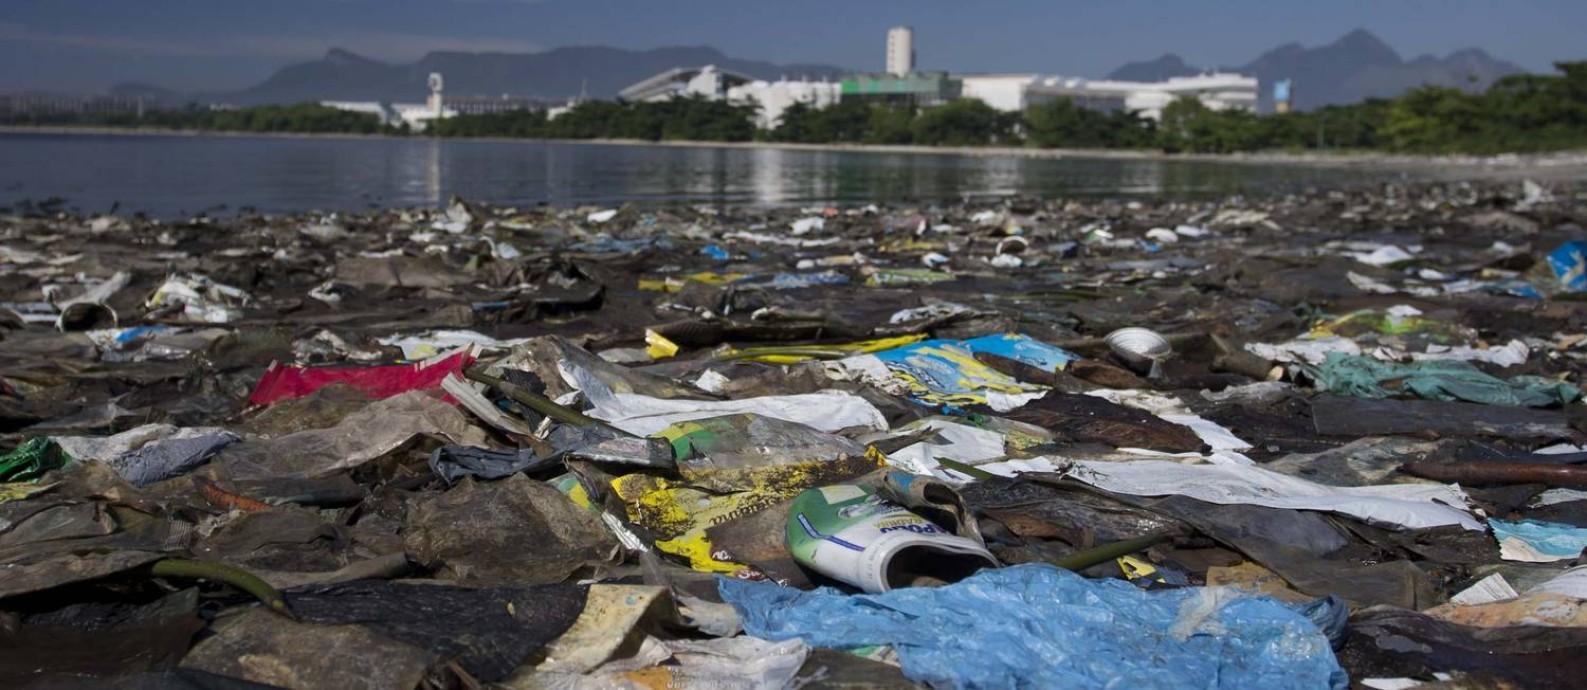 Mar de lixo: concentração de plástico e outros resíduos em praia da Ilha do Fundão, uma das três áreas onde foram coletadas amostras para pesquisa da PUC Foto: Márcia Foletto / Agência O Globo